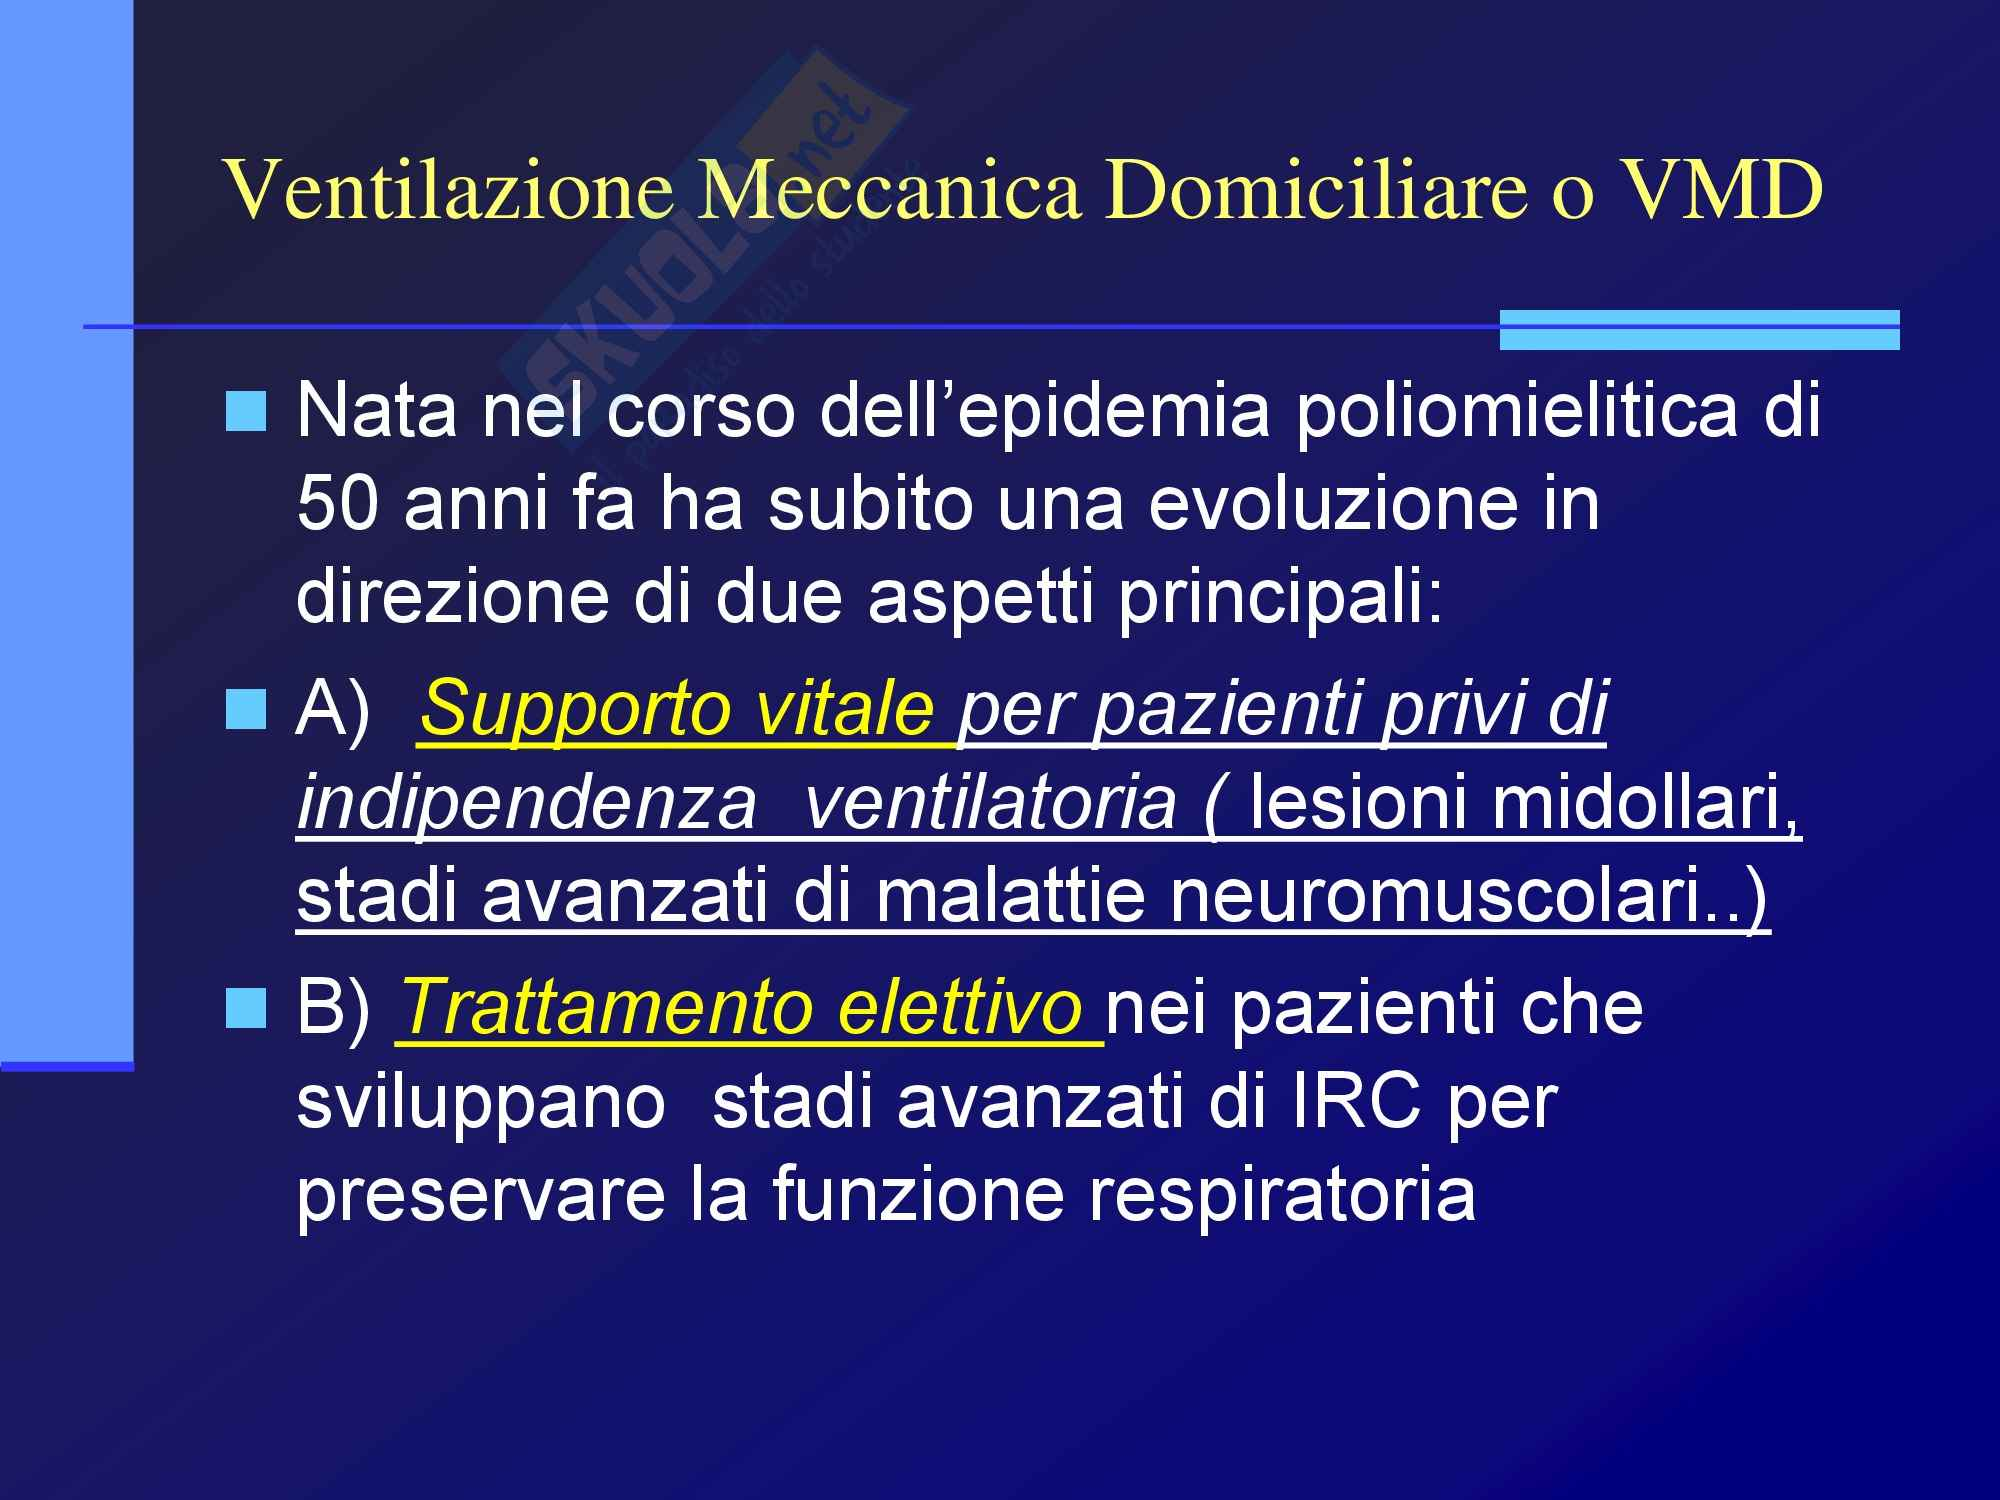 Malattie dell'apparato respiratorio - Ventilazione Meccanica Domiciliare